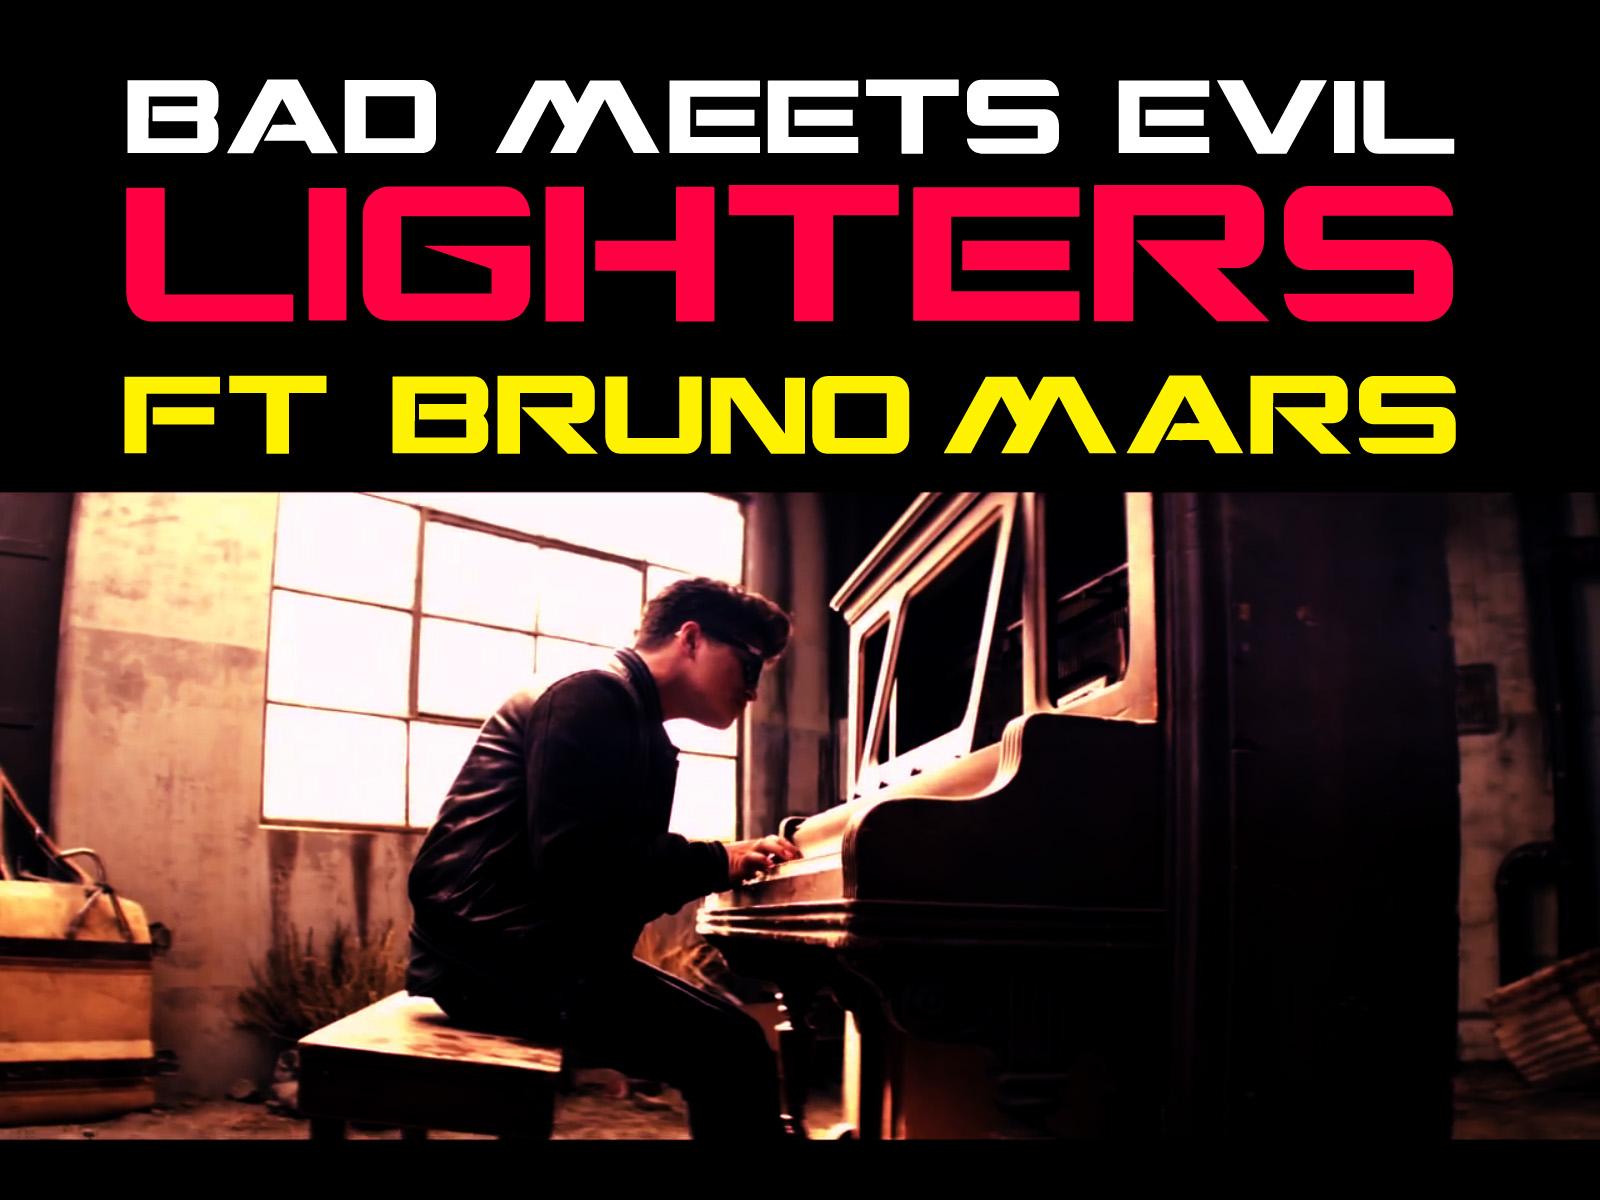 Bad-Meets-Evil-Lighters-ft-Bruno-Mars